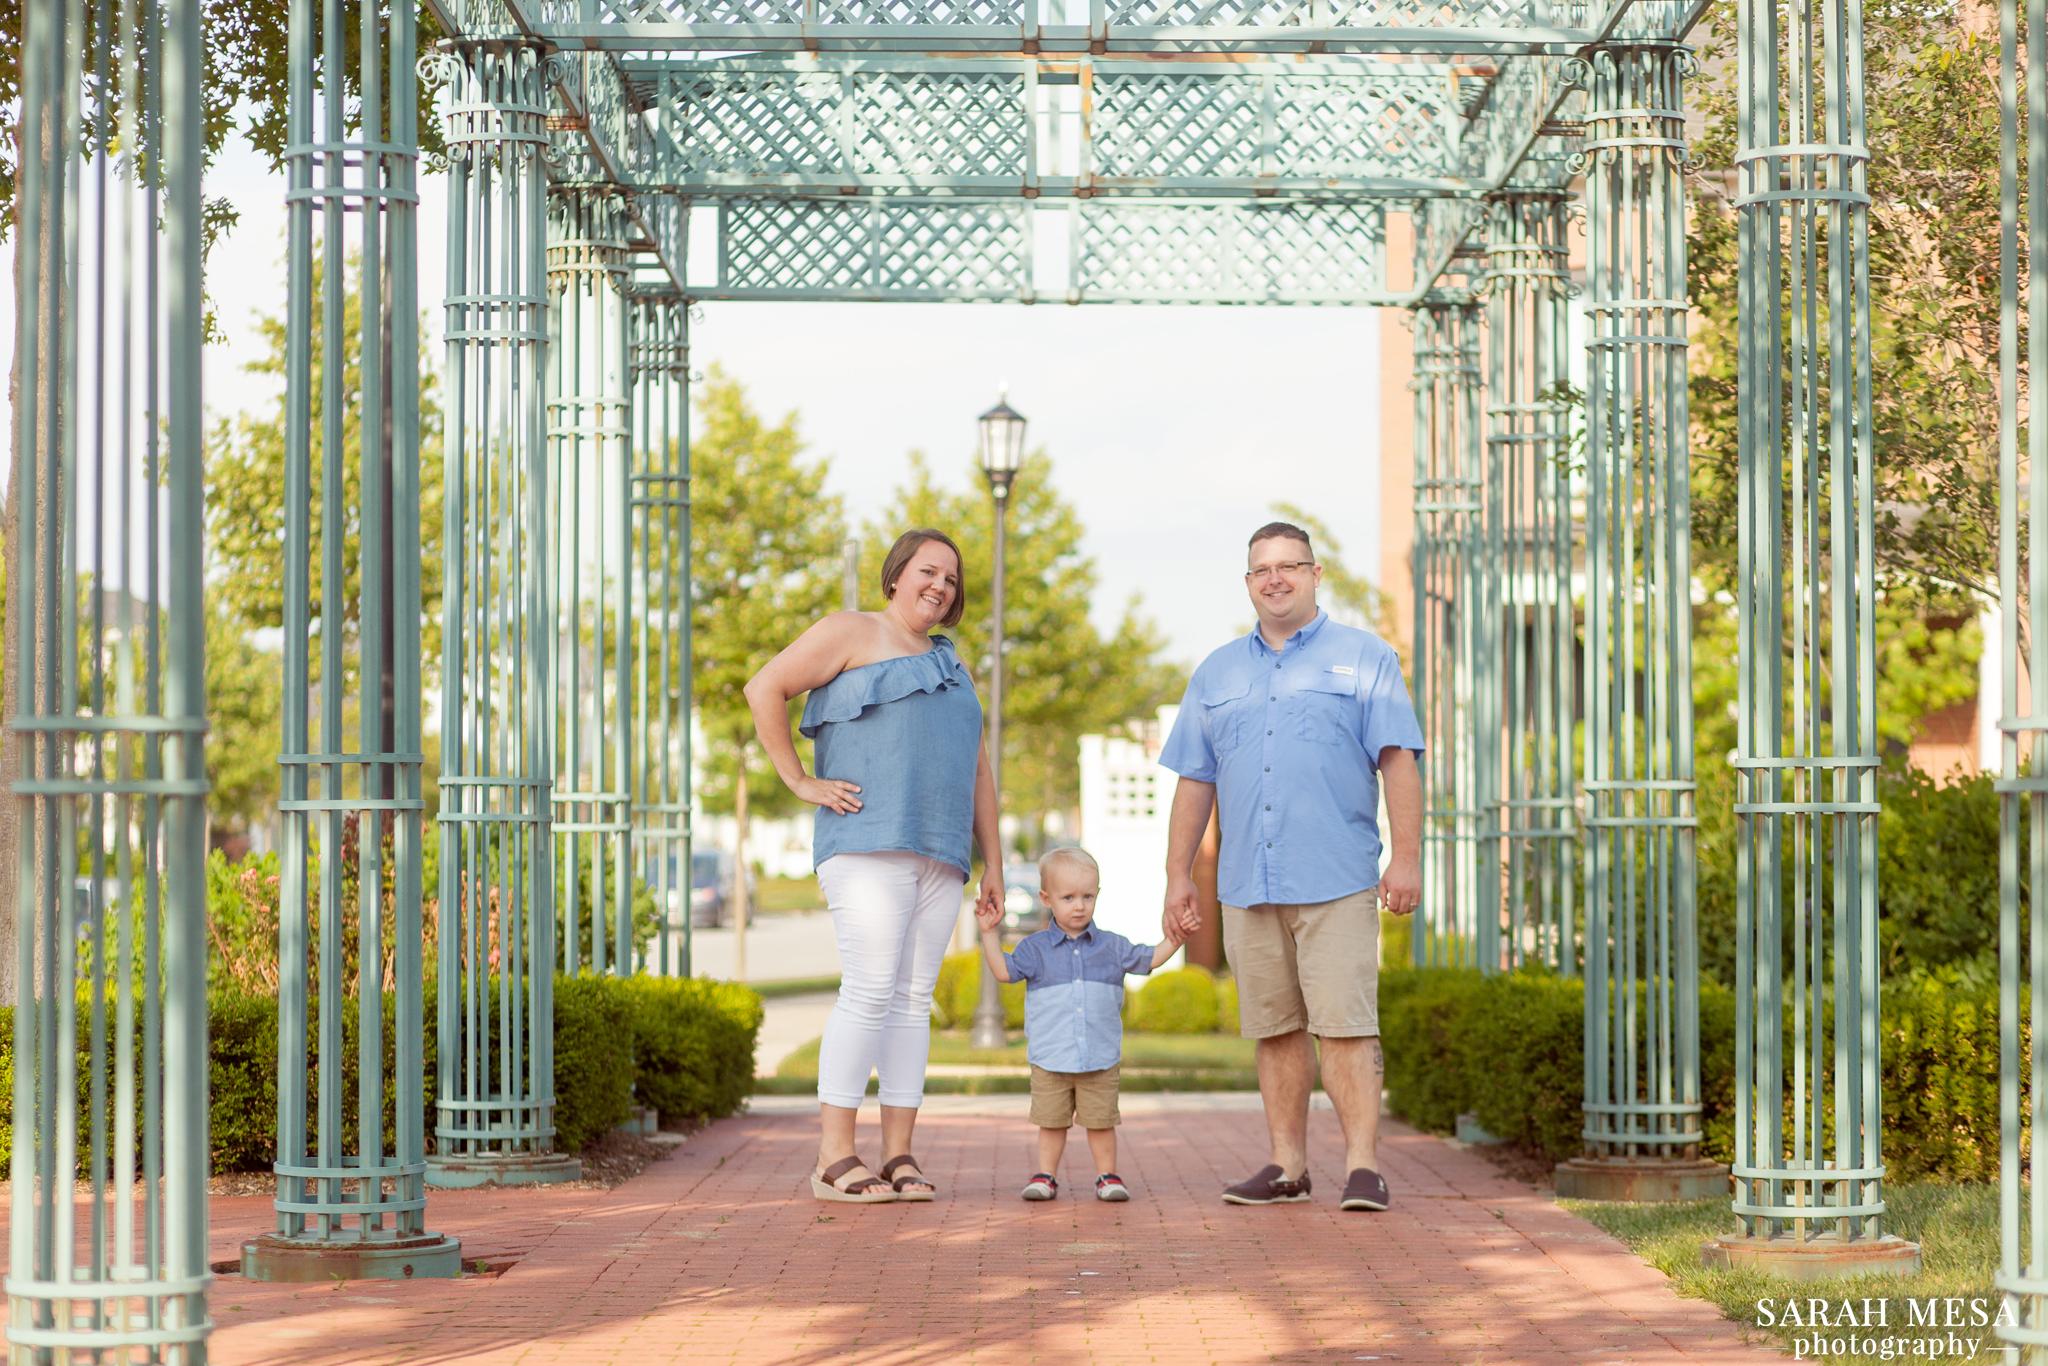 Sarah Mesa Photography | Louisville KY Family Photographer